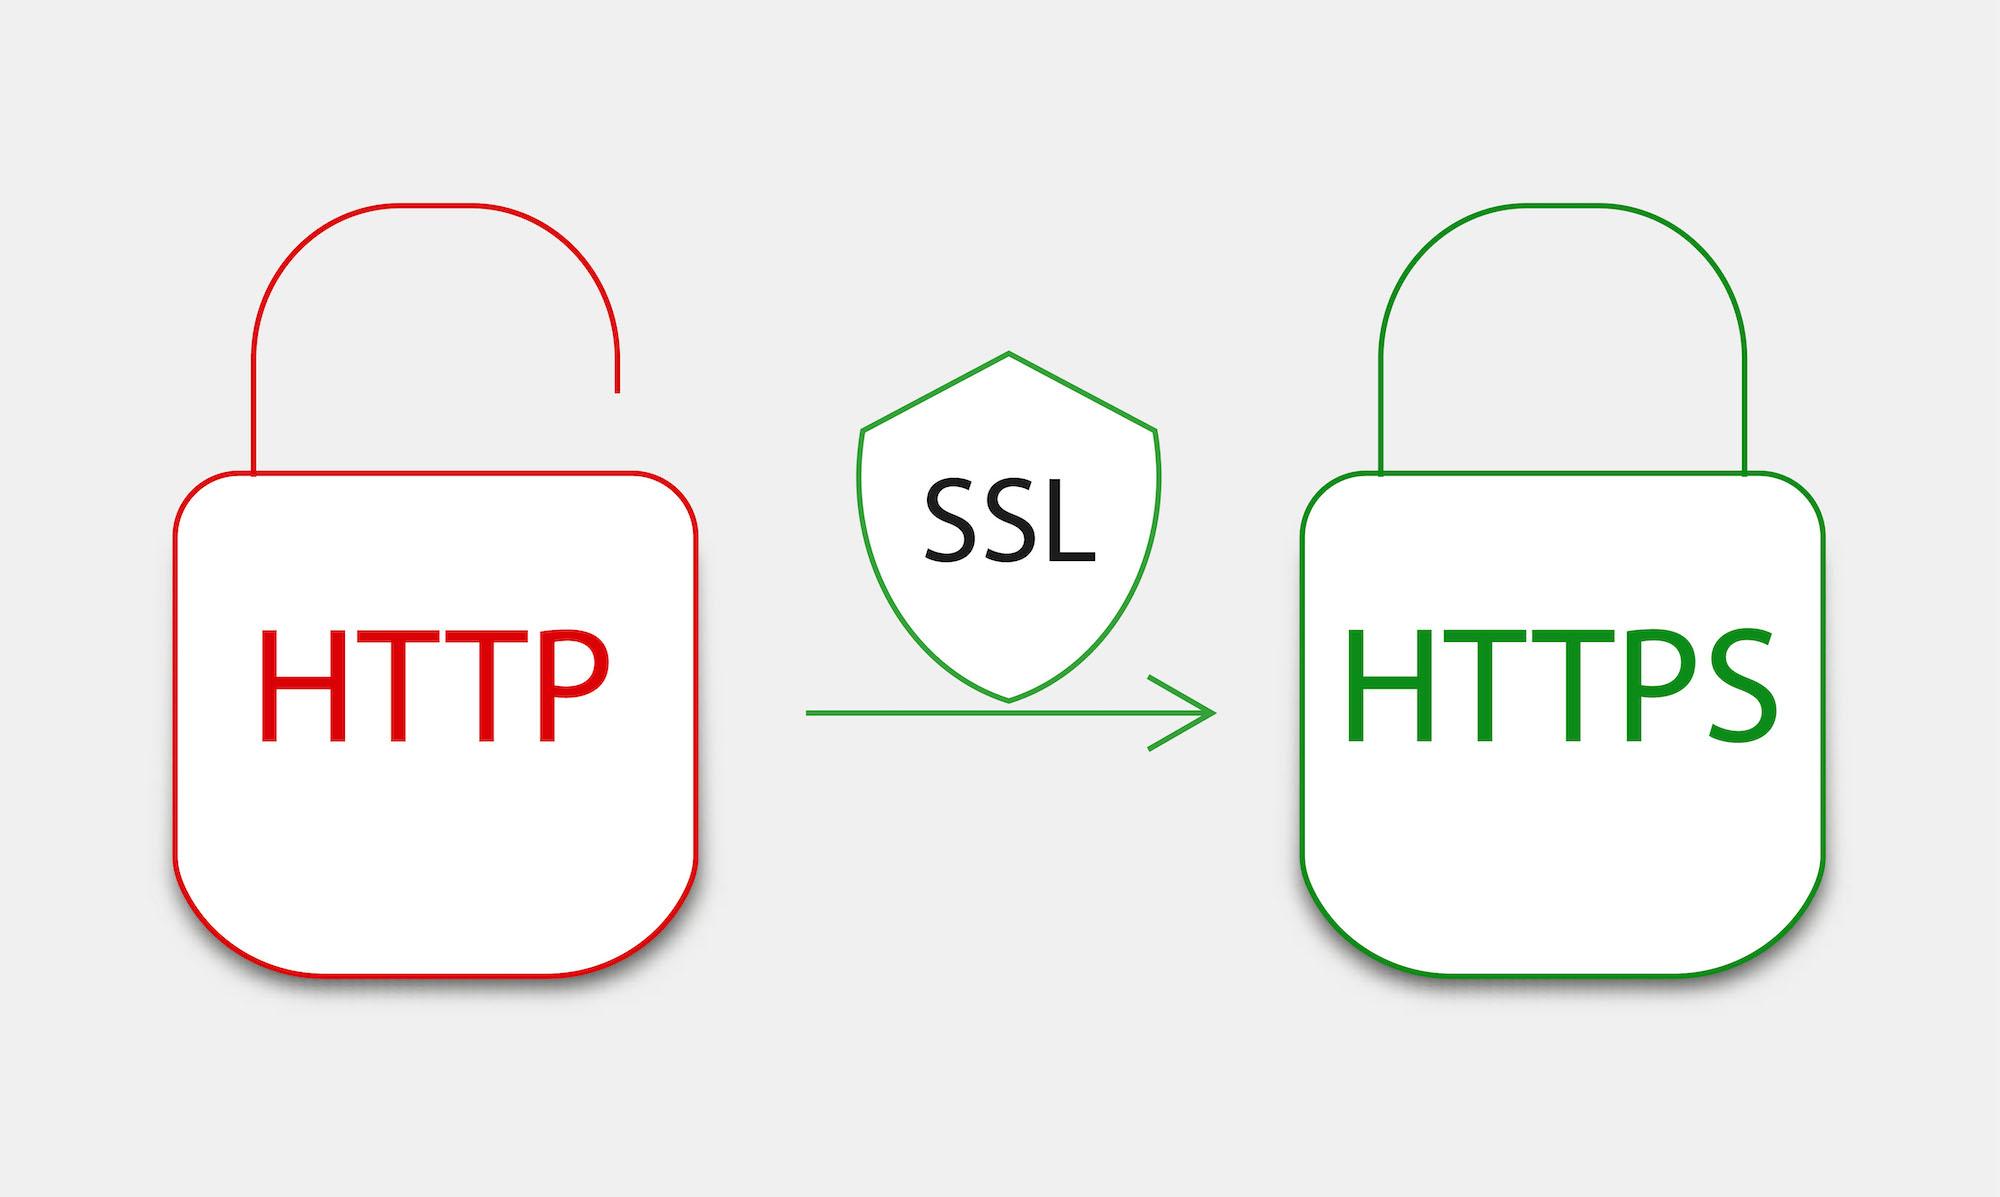 aktivering af ssl-certifikat